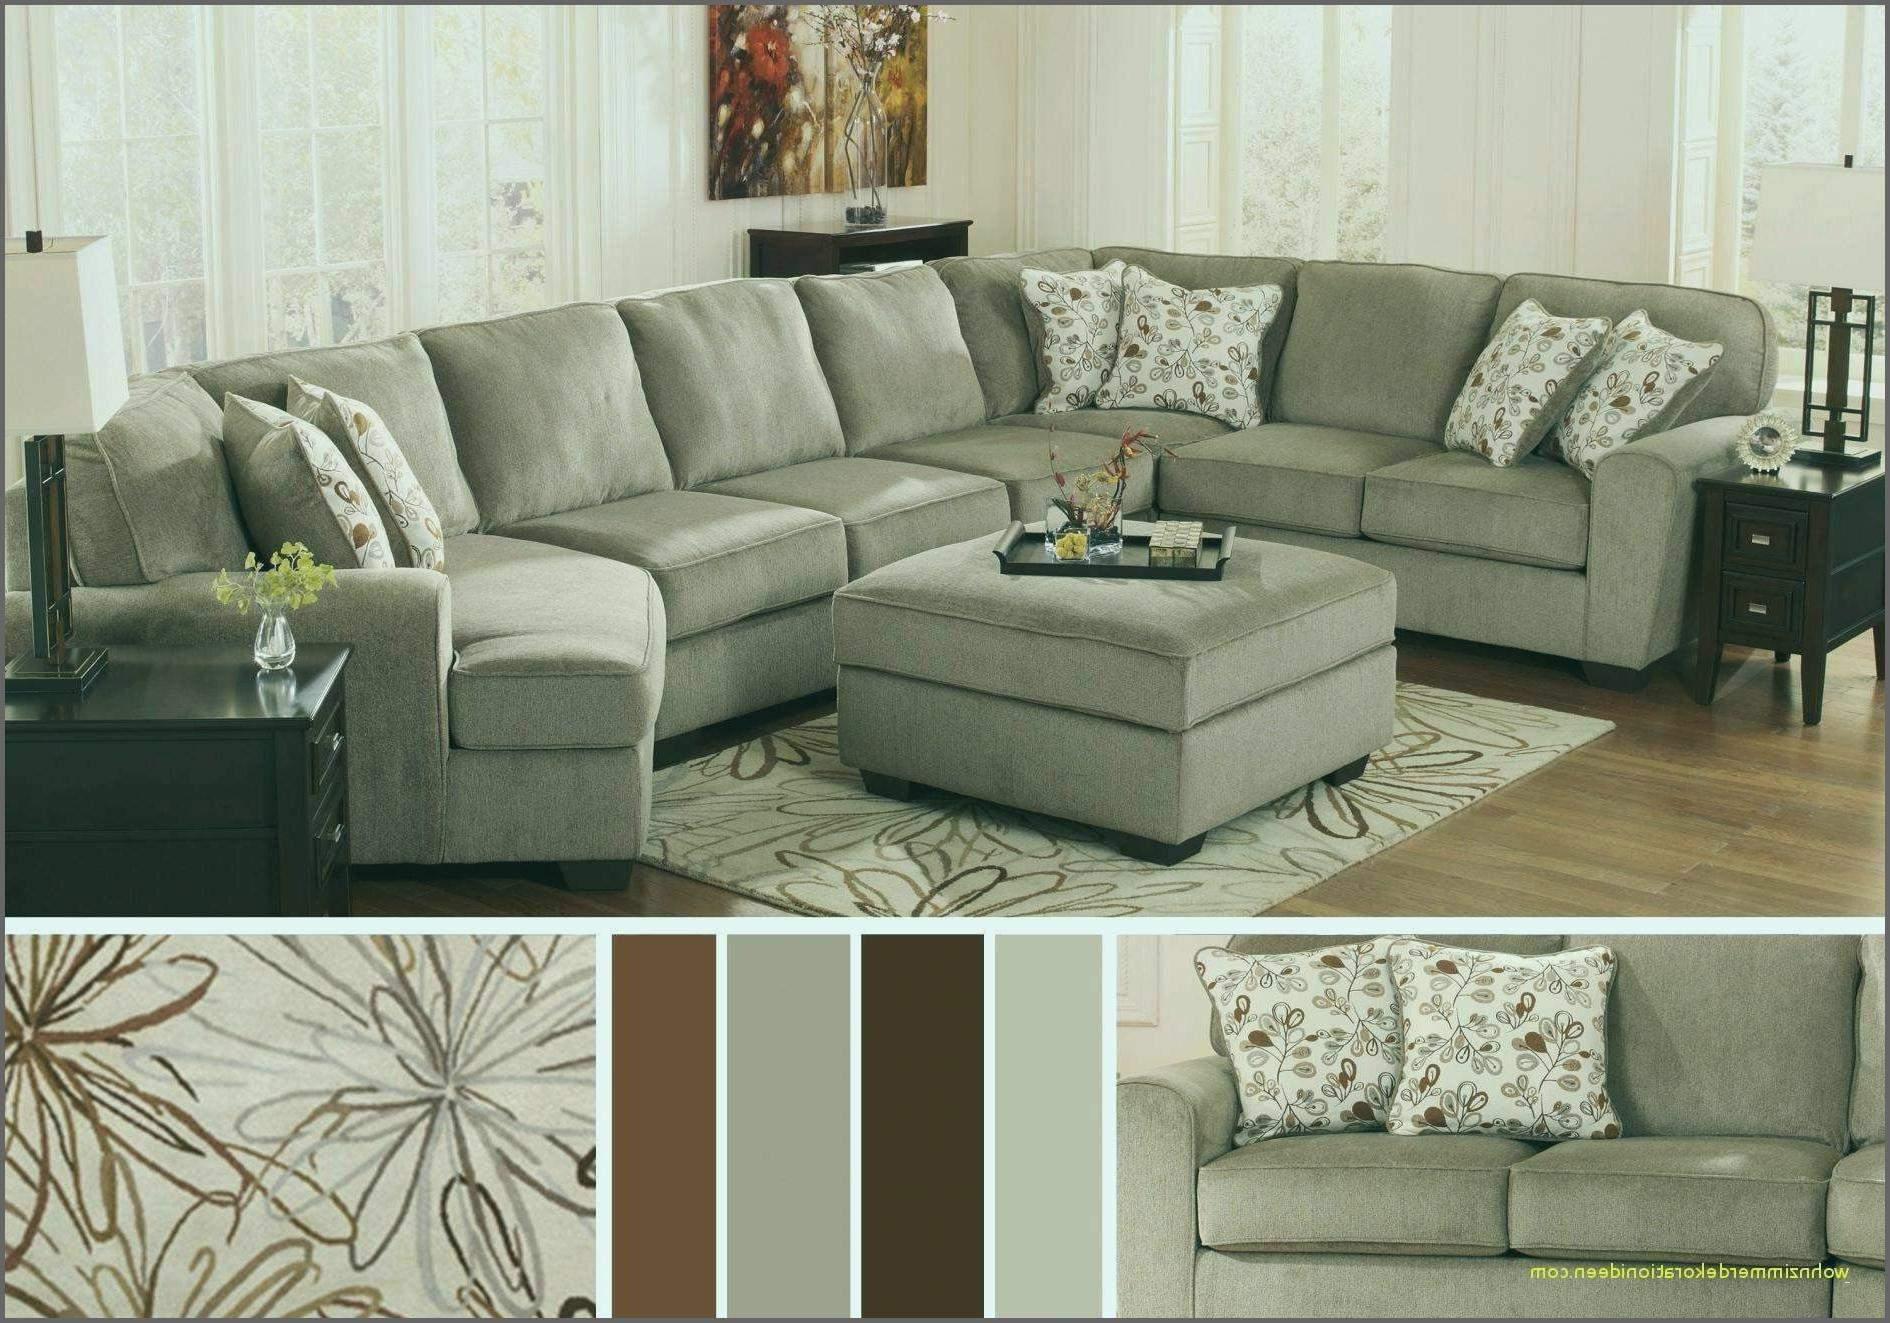 kabelkanal wohnzimmer neu 40 allgemeines und sauber lounge sofa wohnzimmer of kabelkanal wohnzimmer